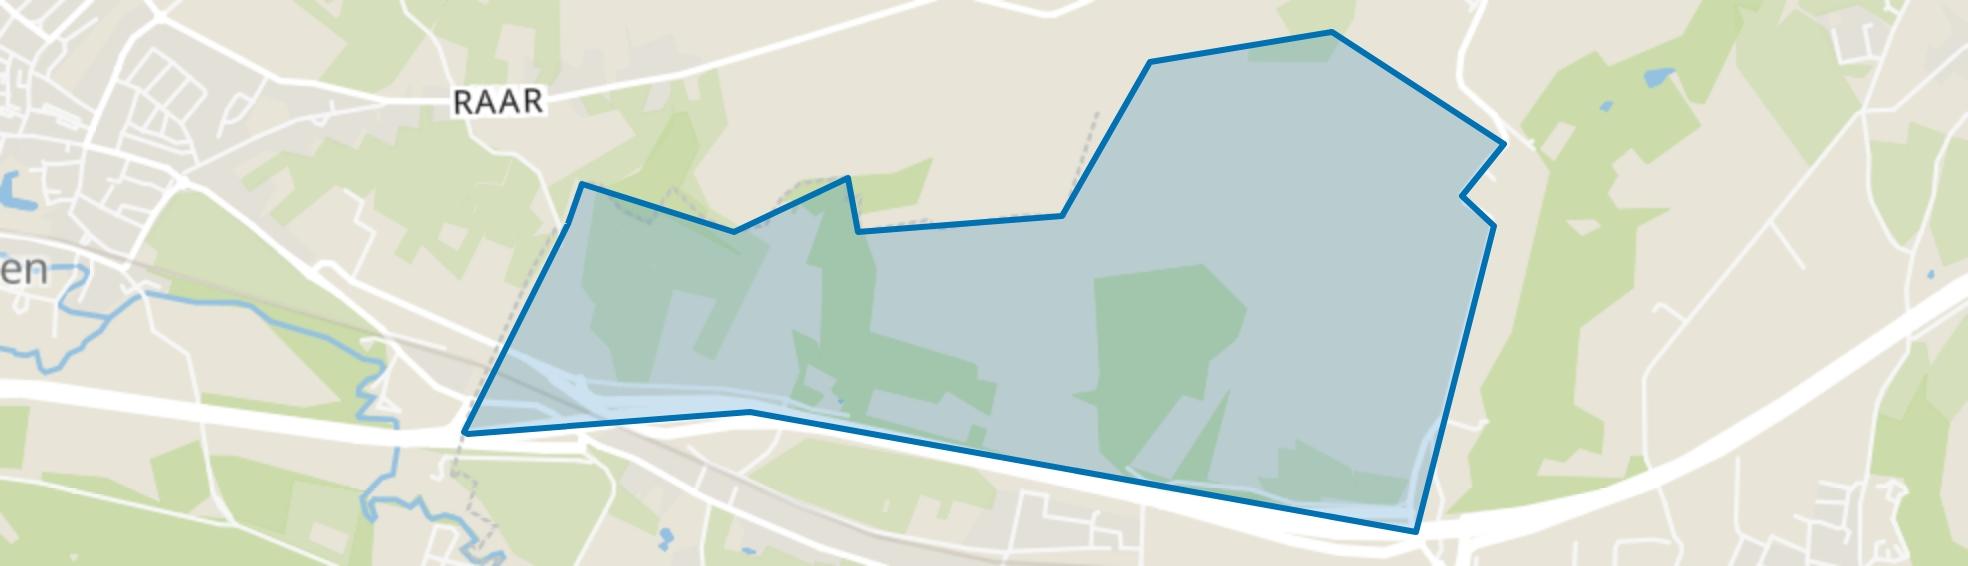 Houthemerveld, Valkenburg (LI) map